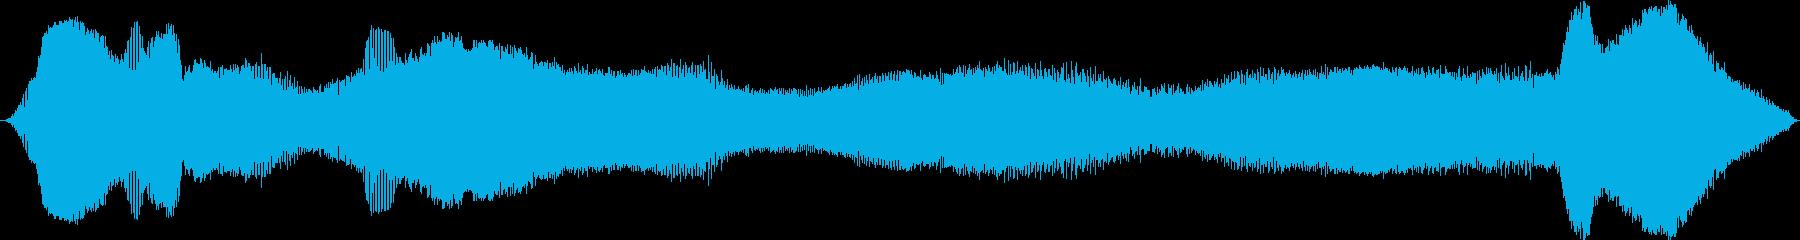 ホンダシビック4Wd 2000Cc...の再生済みの波形